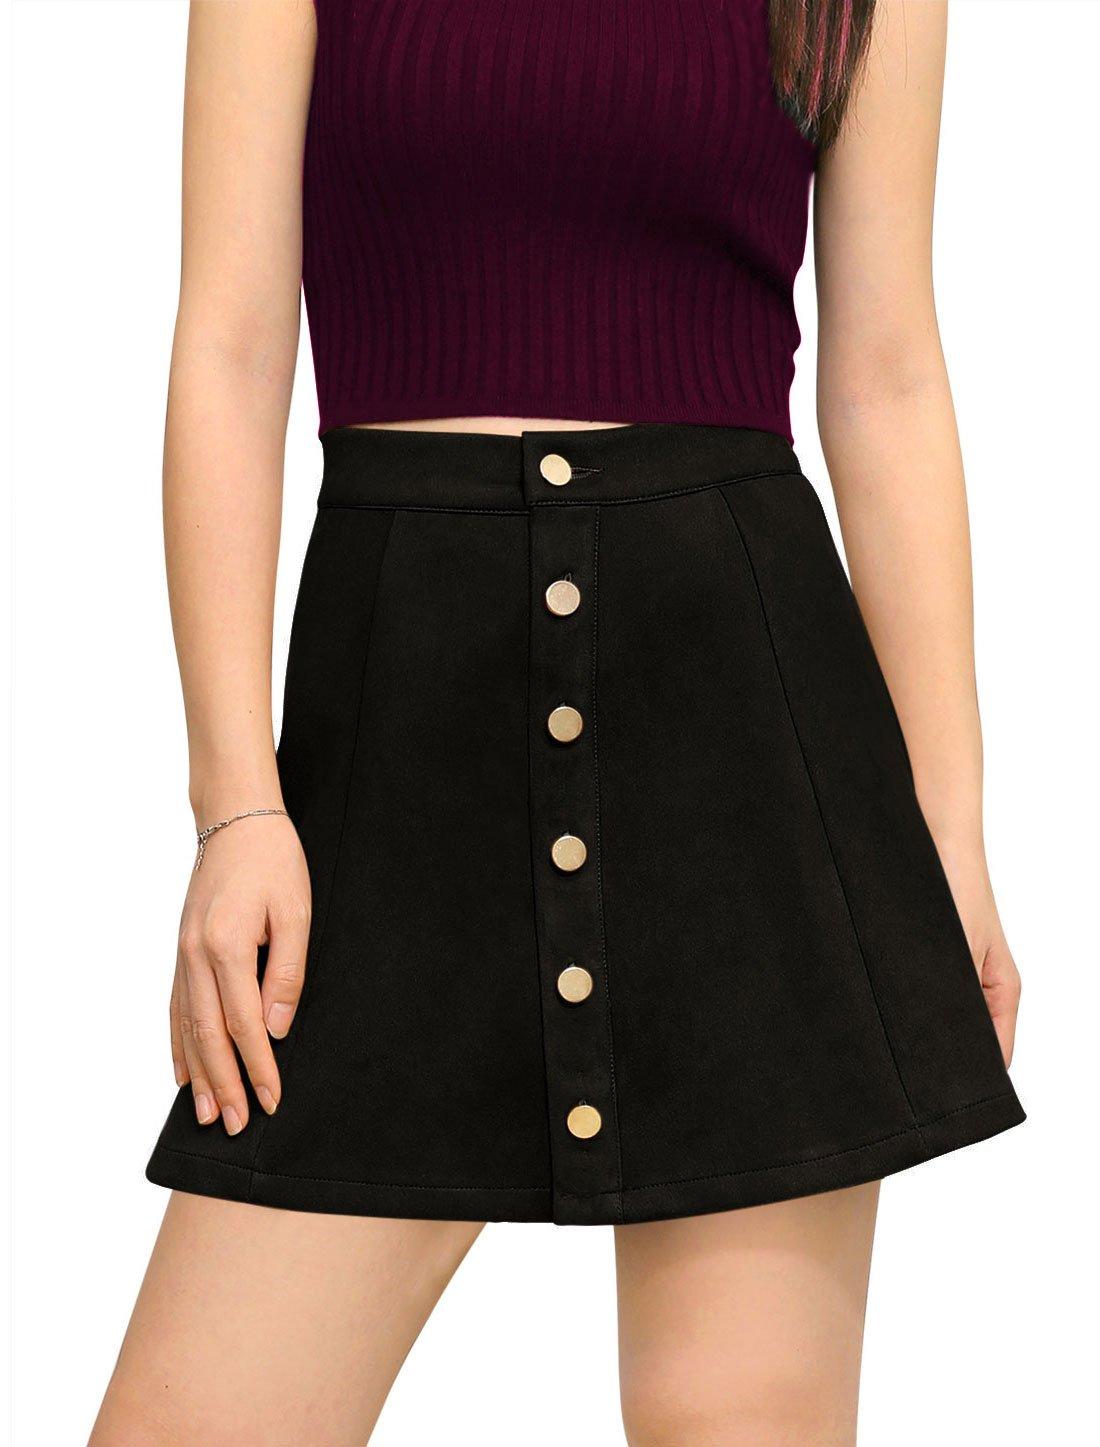 Allegra K Women's Bonded Suede Button Closure Front A-Line Mini Skirt Black L (US 14)